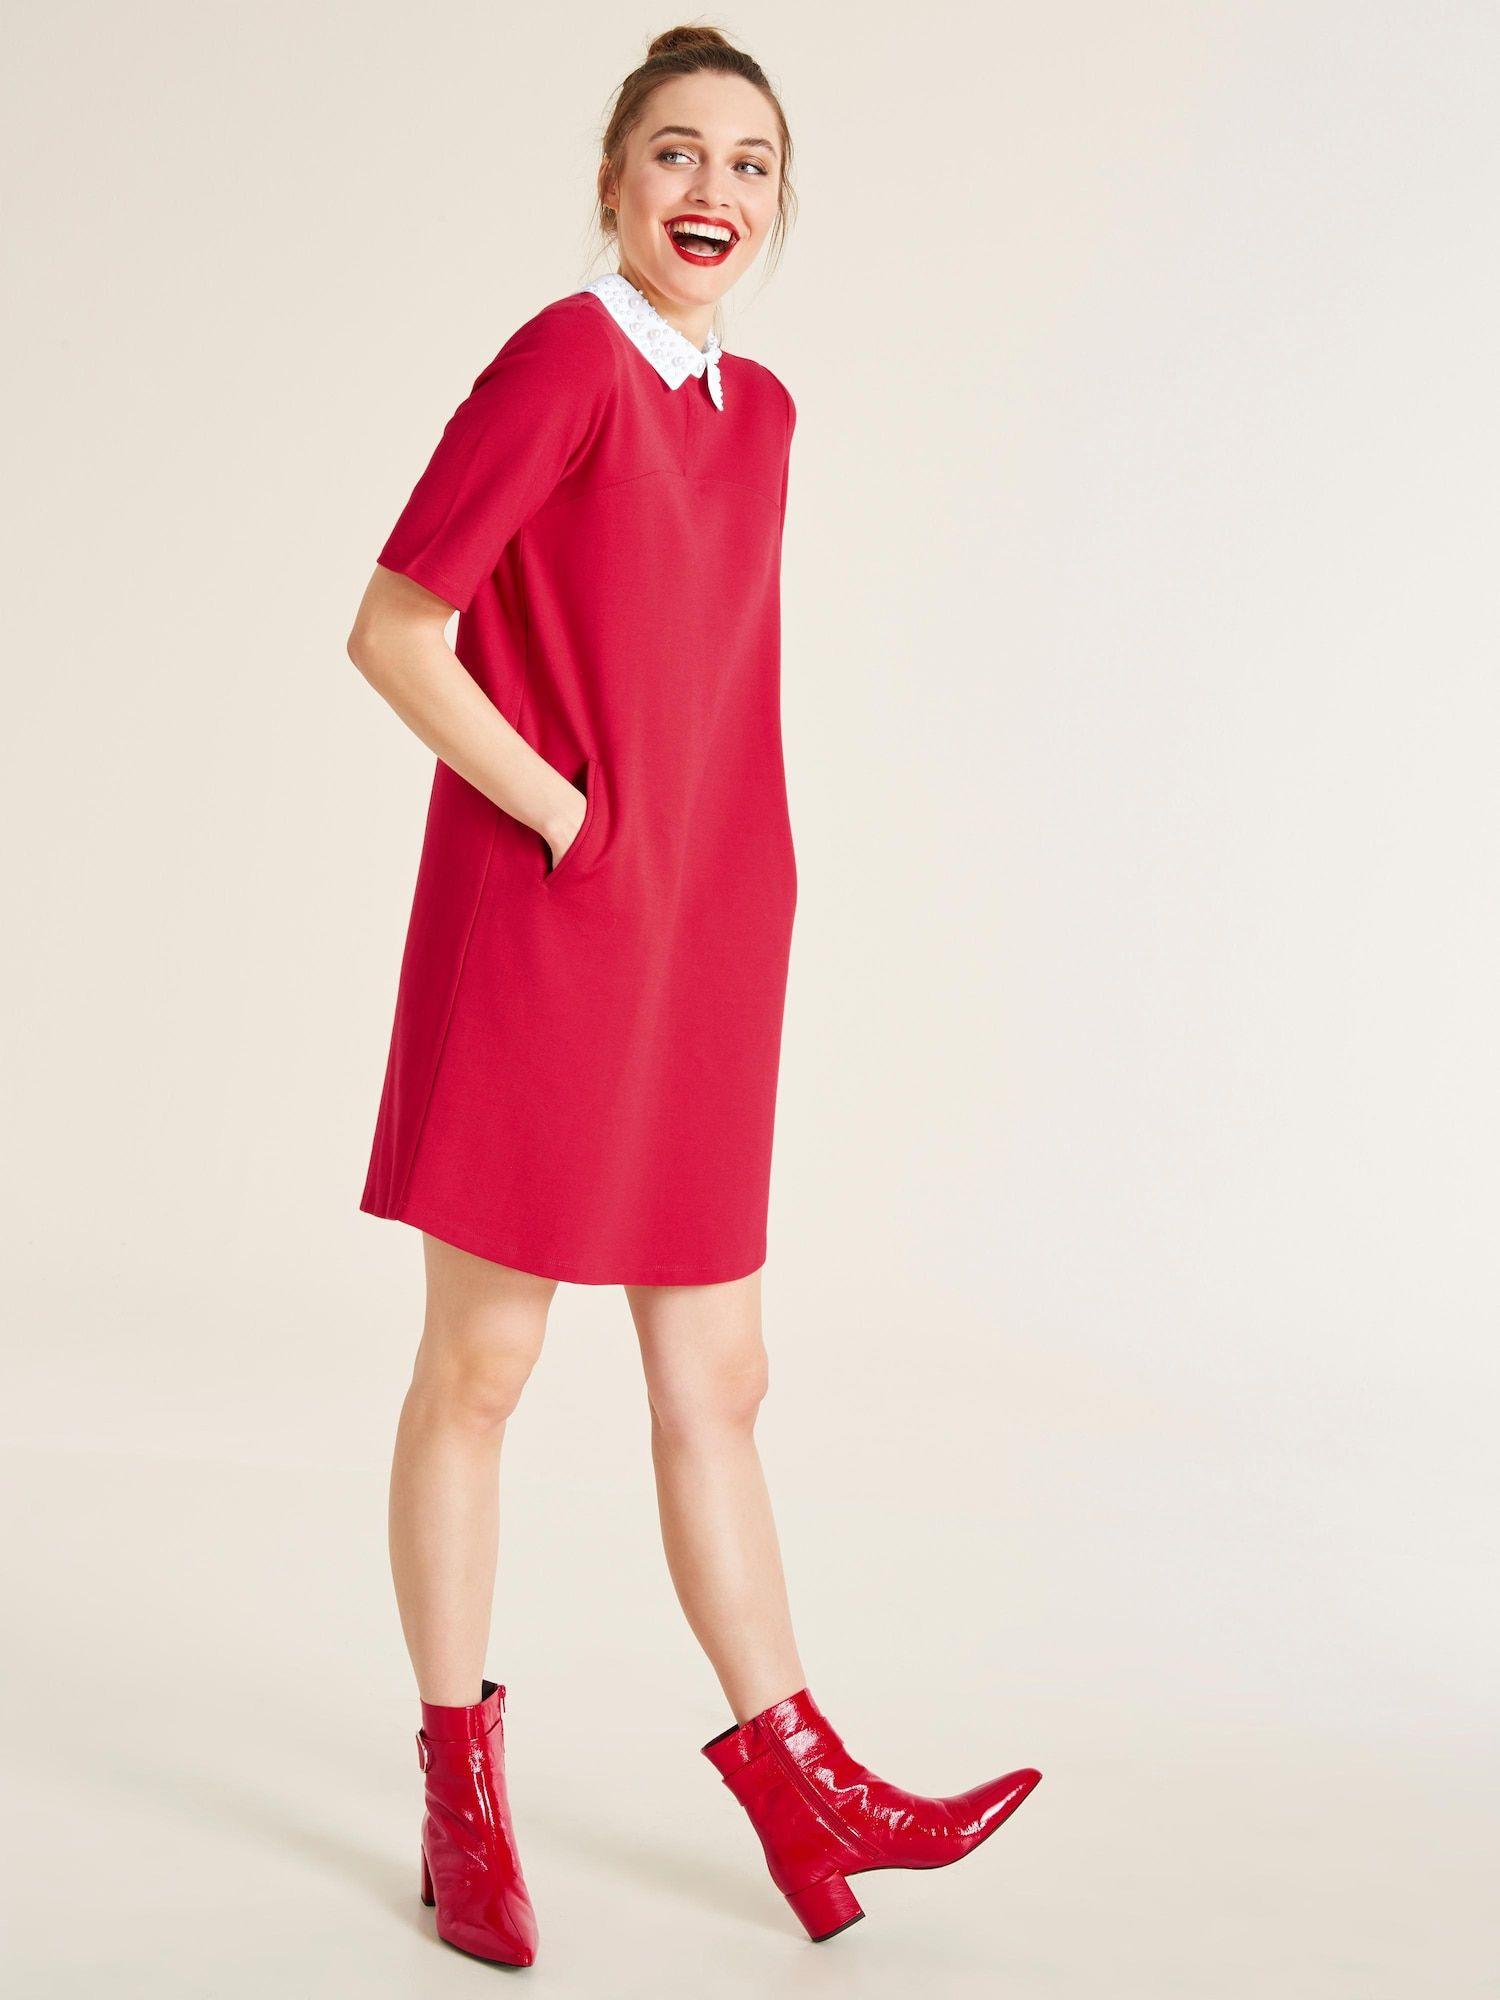 Heine Kleid Damen Rot Größe 44  Kleider Modestil